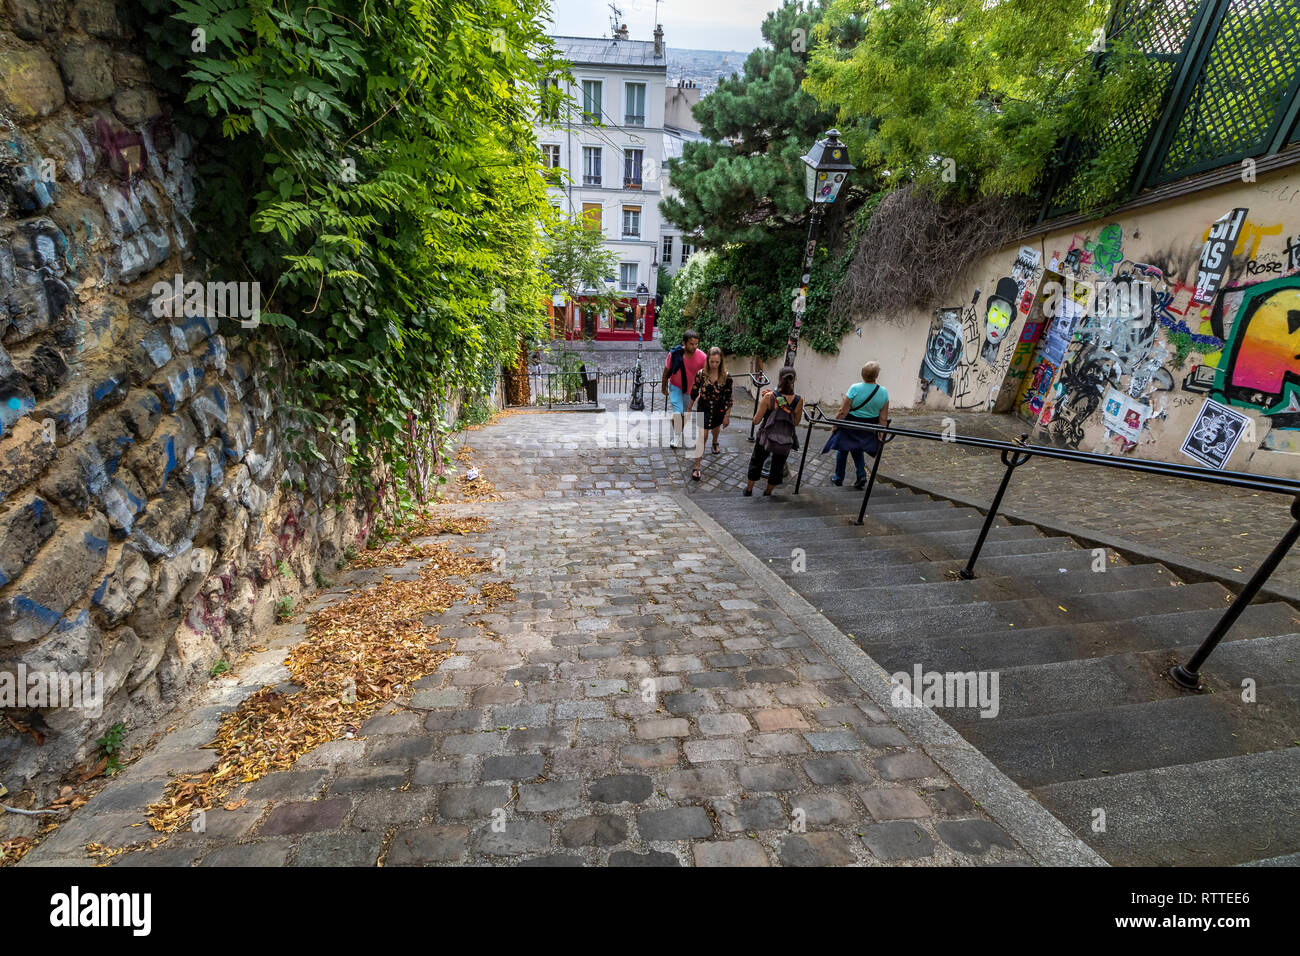 Menschen klettern die steilen Stufen an der Rue du Calvaire, rue Gabrielle und Place du Tetre Montmartre, Paris Stockfoto